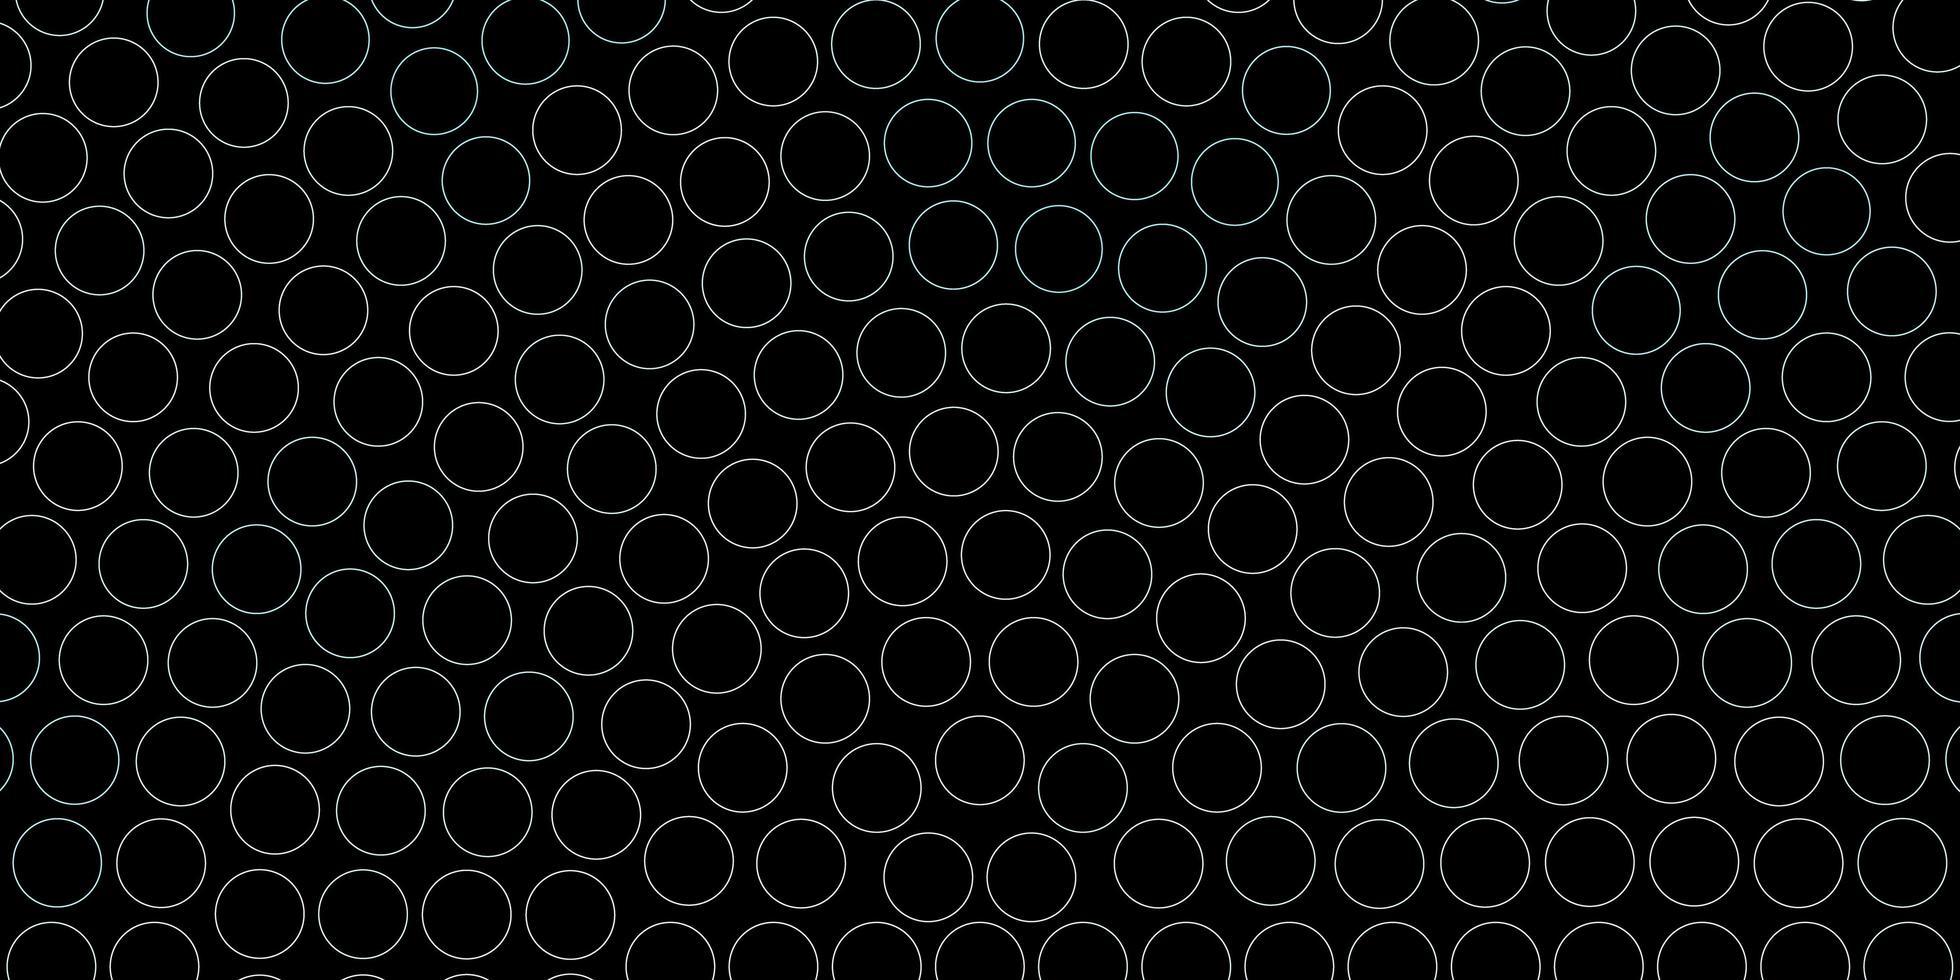 blå konturerade cirklar mönster. vektor